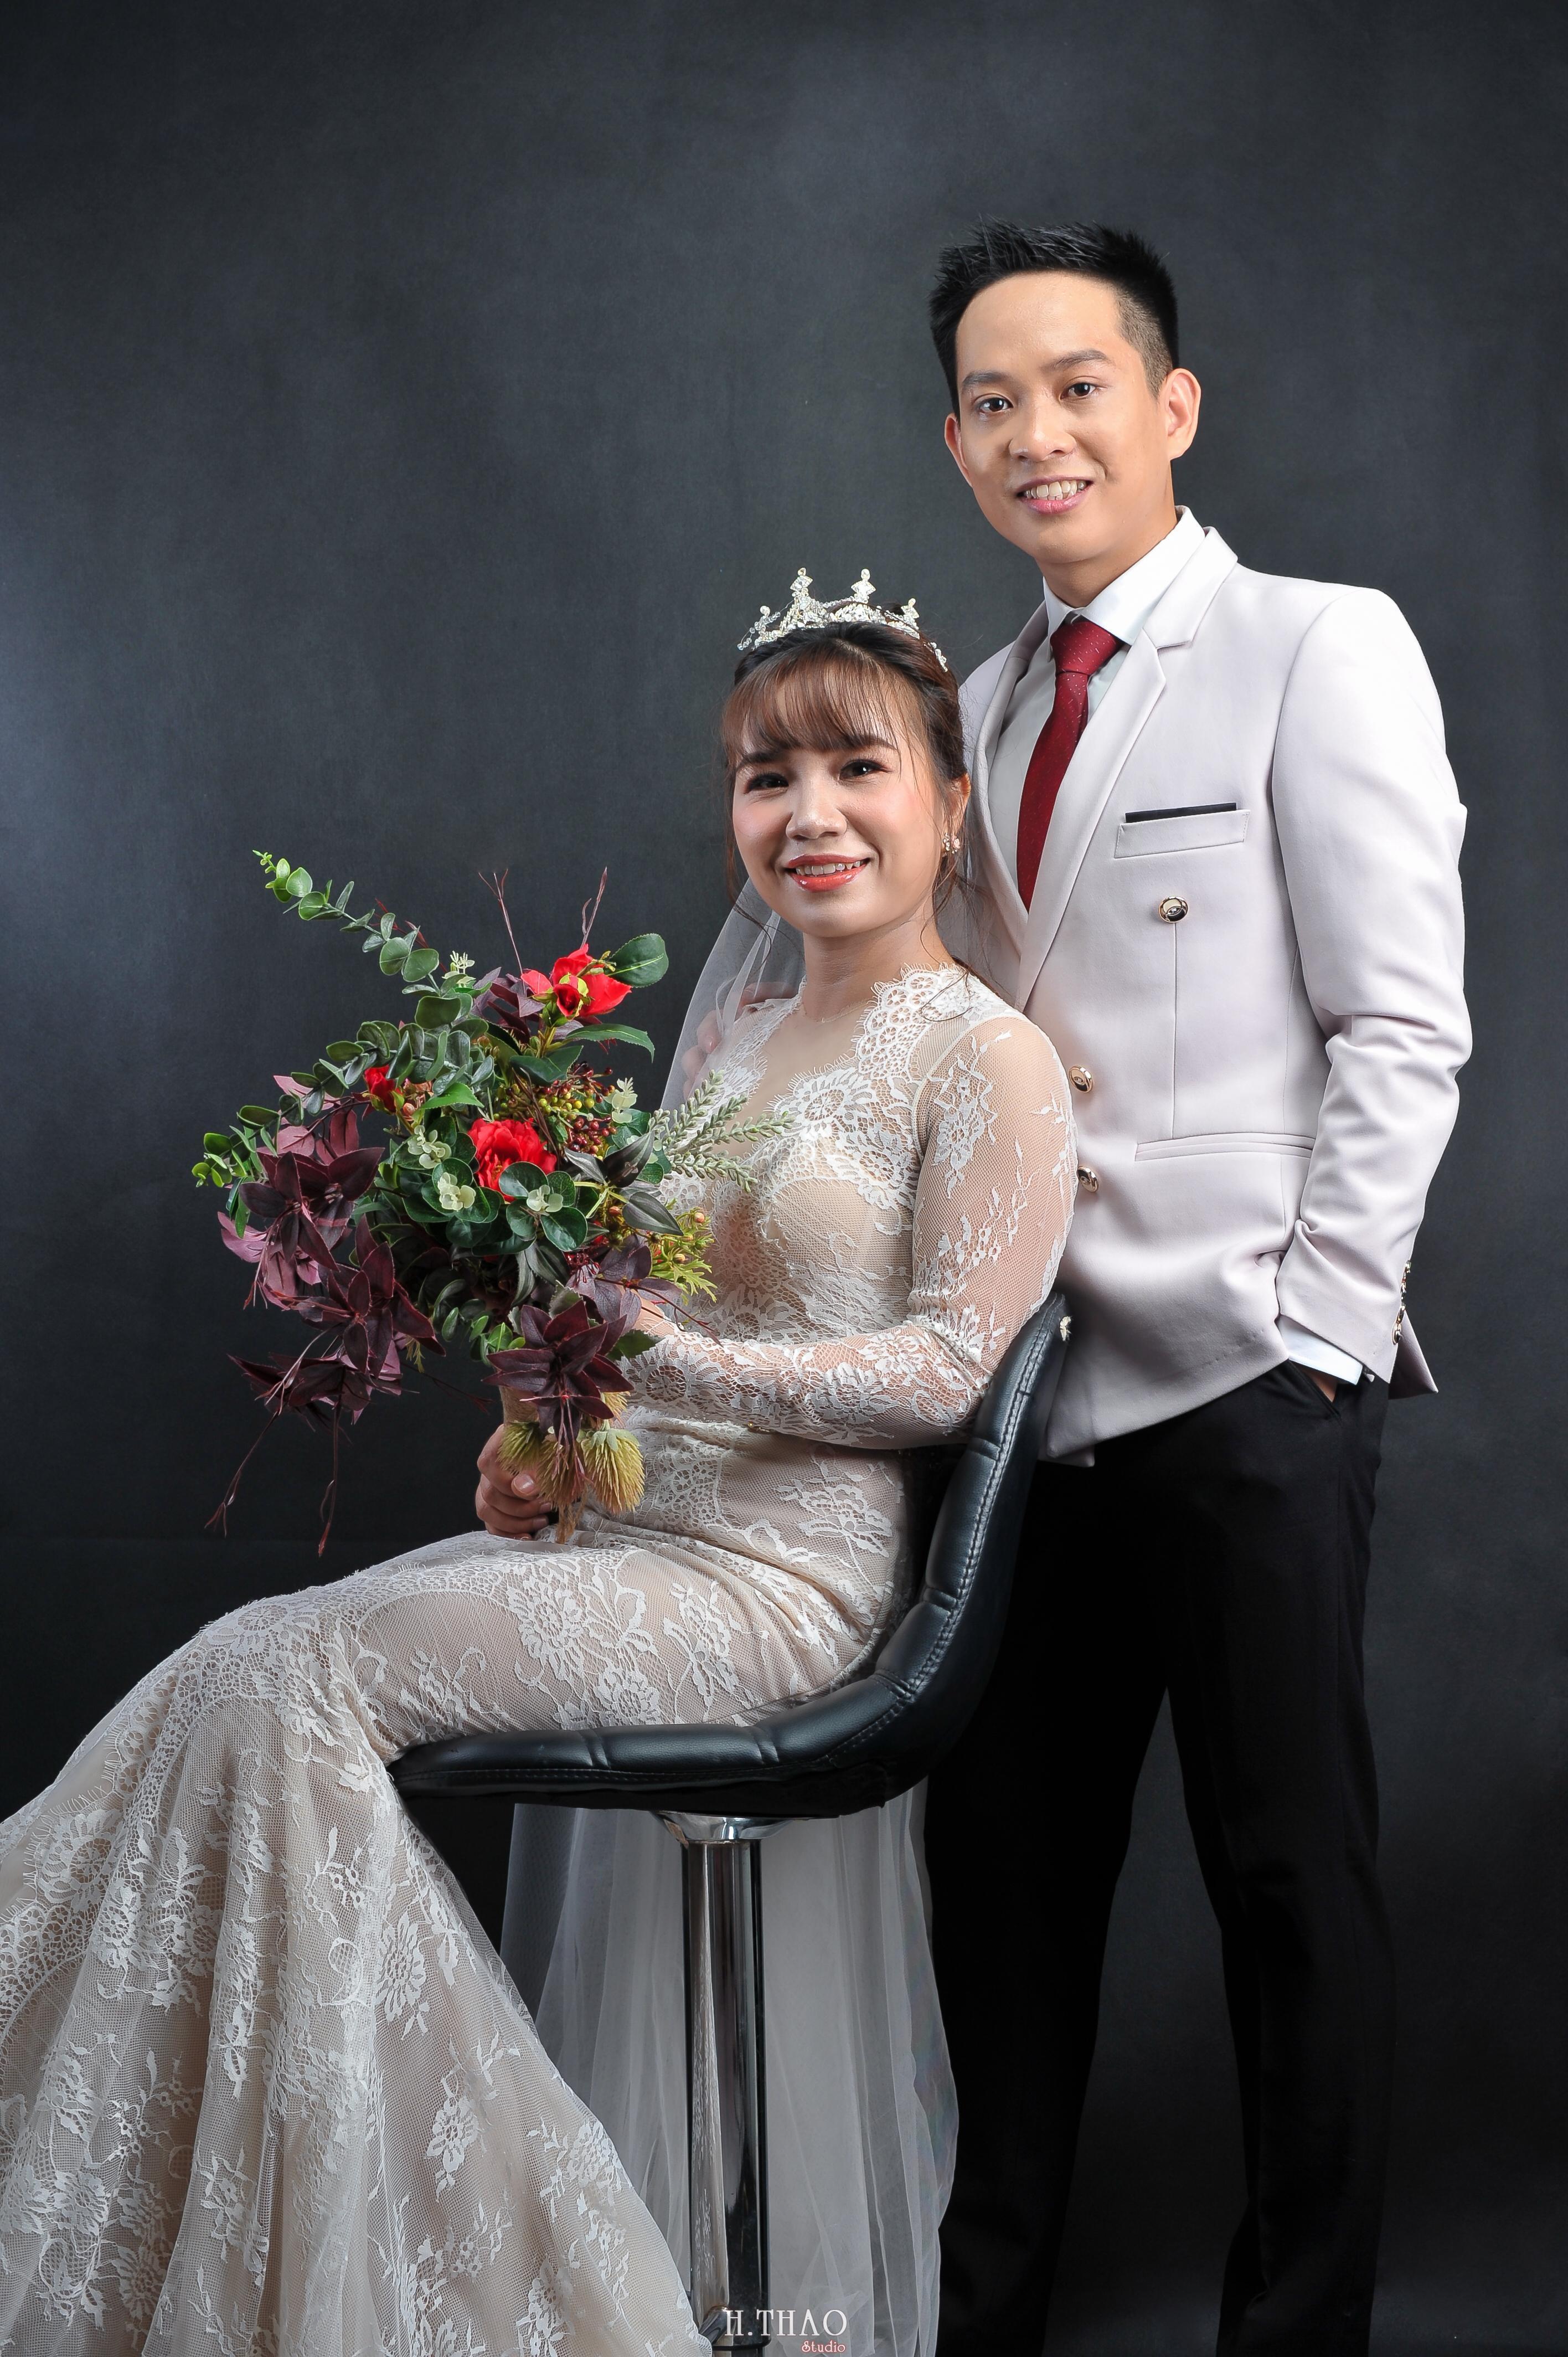 Anh cuoi style Han quoc 14 min - Chụp ảnh cưới đơn giản mà đẹp tại studio – HThao Studio Tp.HCM